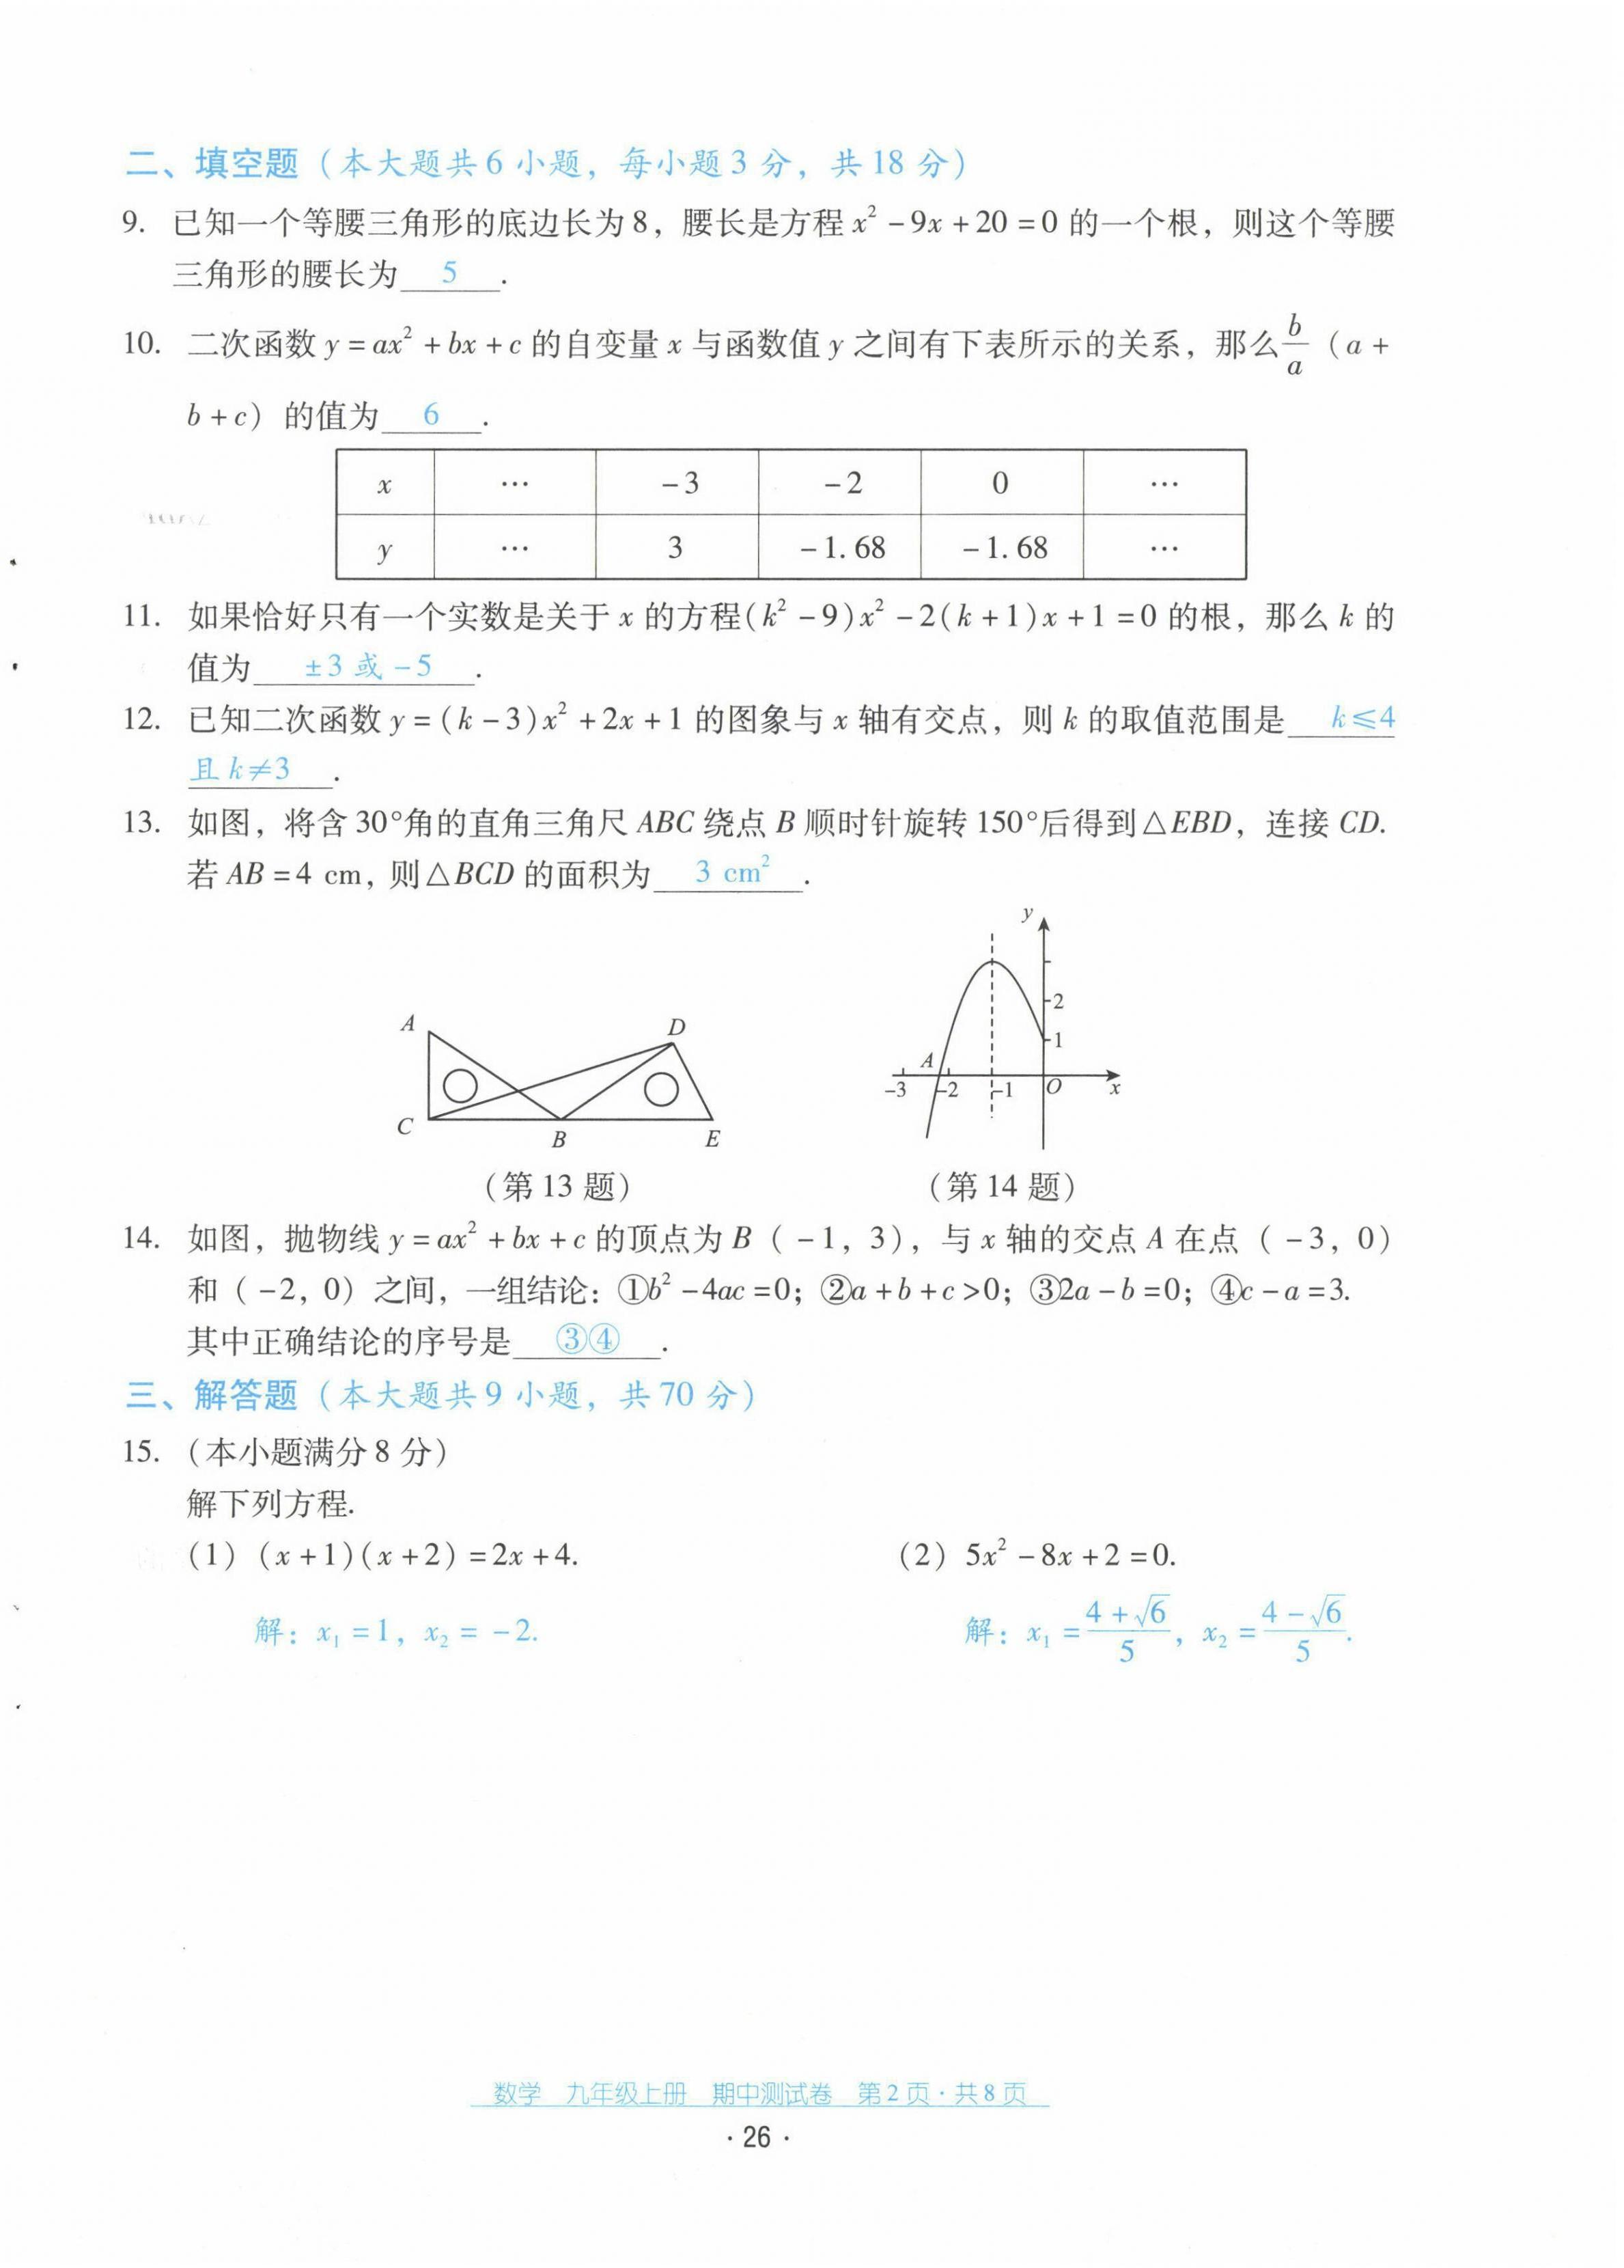 2021年云南省标准教辅优佳学案配套测试卷九年级数学上册人教版第26页